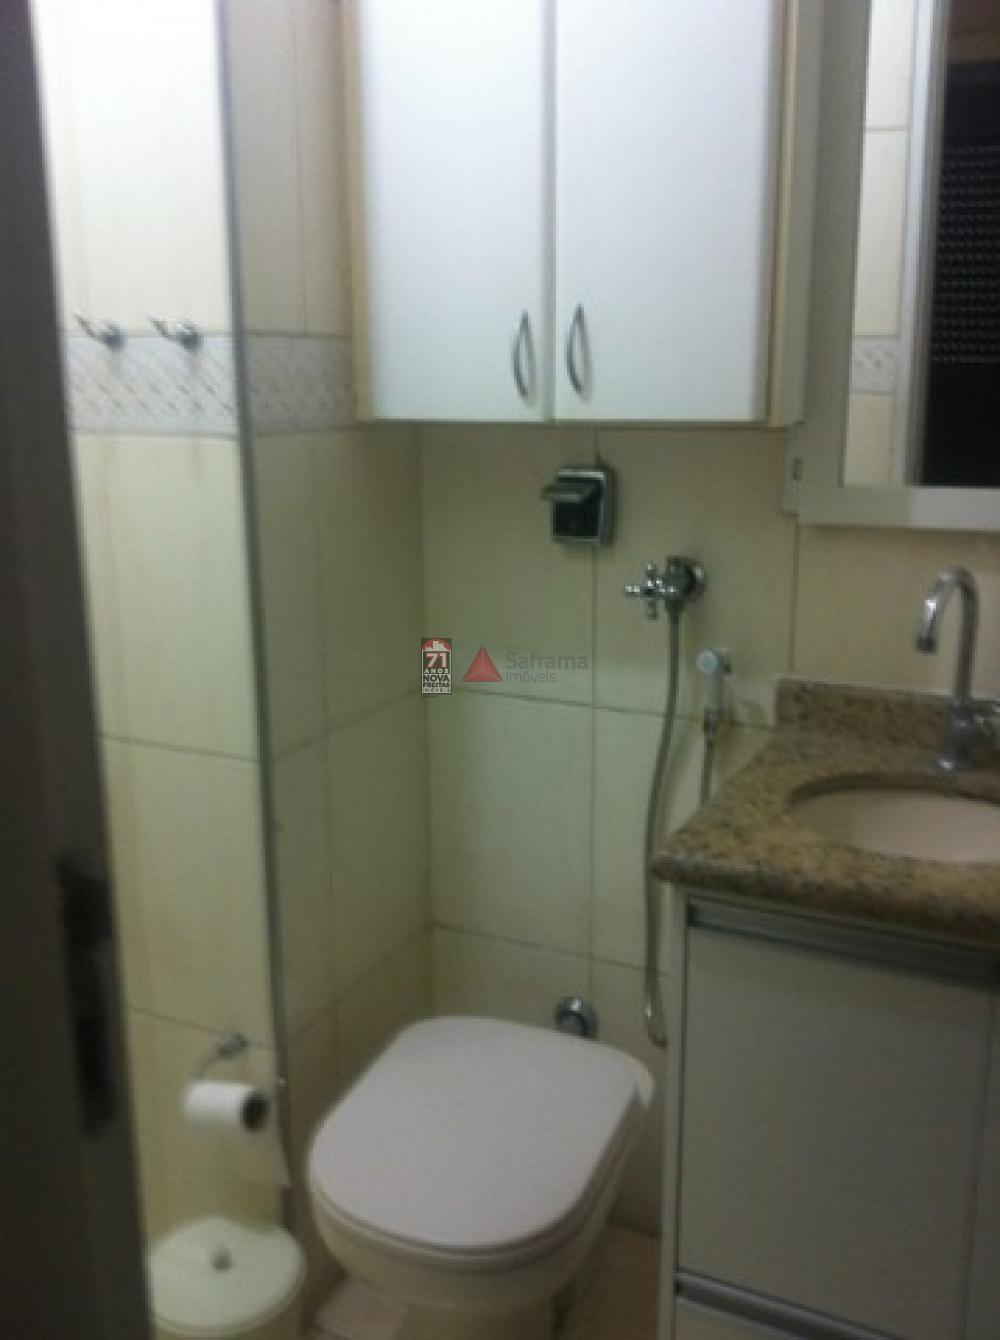 Alugar Apartamento / Padrão em São José dos Campos R$ 1.540,00 - Foto 11